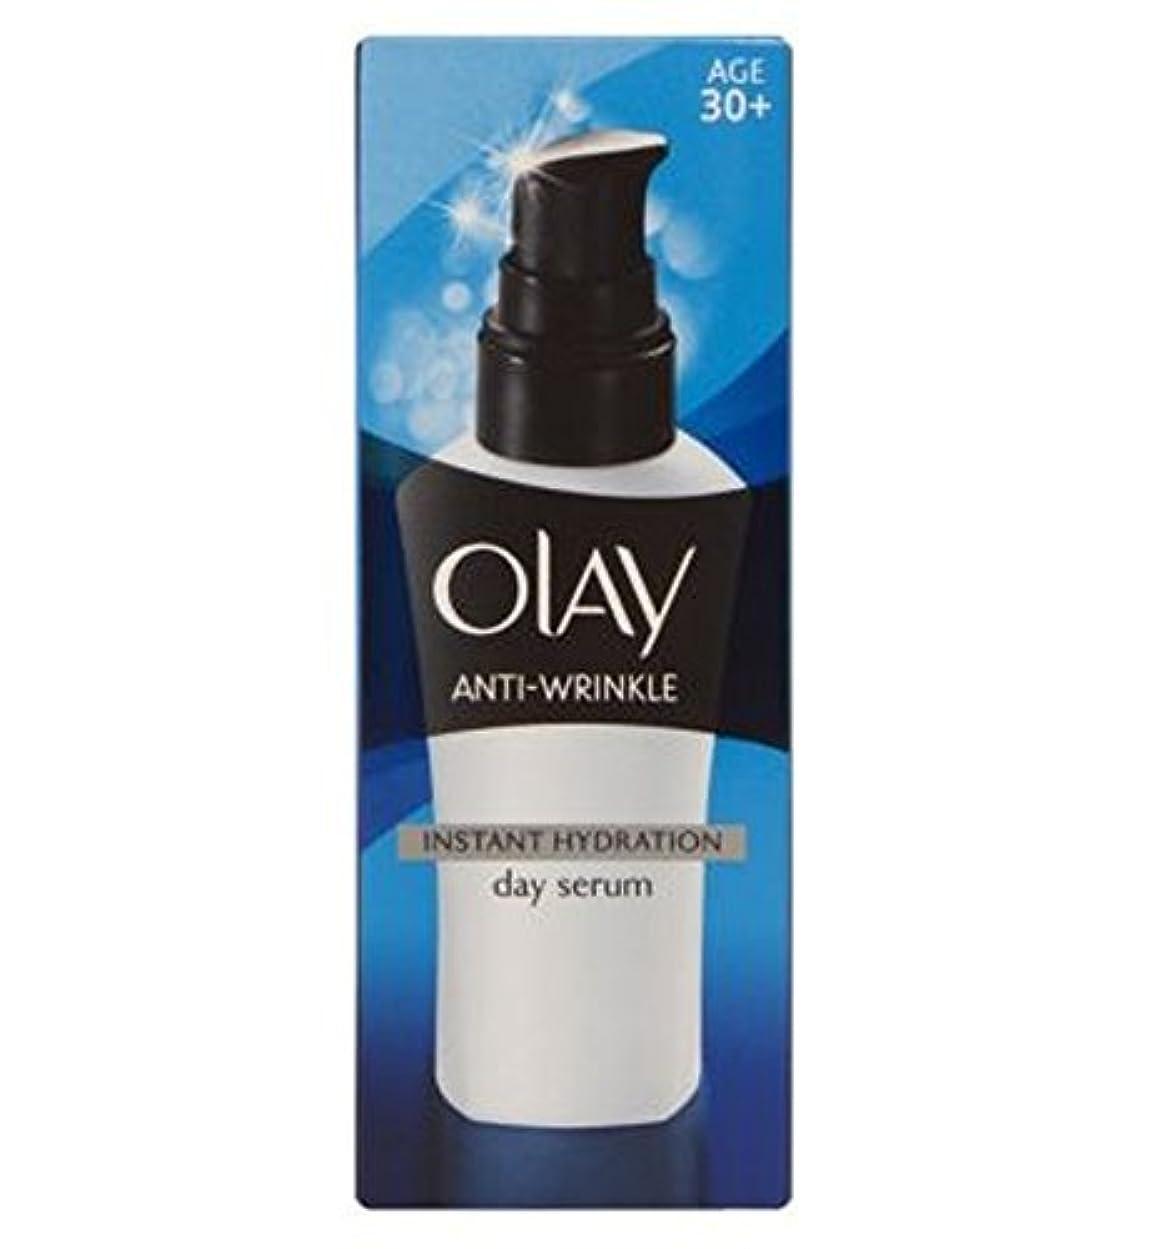 利得連続的先史時代のOlay Anti-Wrinkle Instant Hydration Moisturiser Day Serum 50ml - オーレイ抗しわインスタントハイドレーションモイスチャライザー日血清50ミリリットル (Olay) [並行輸入品]